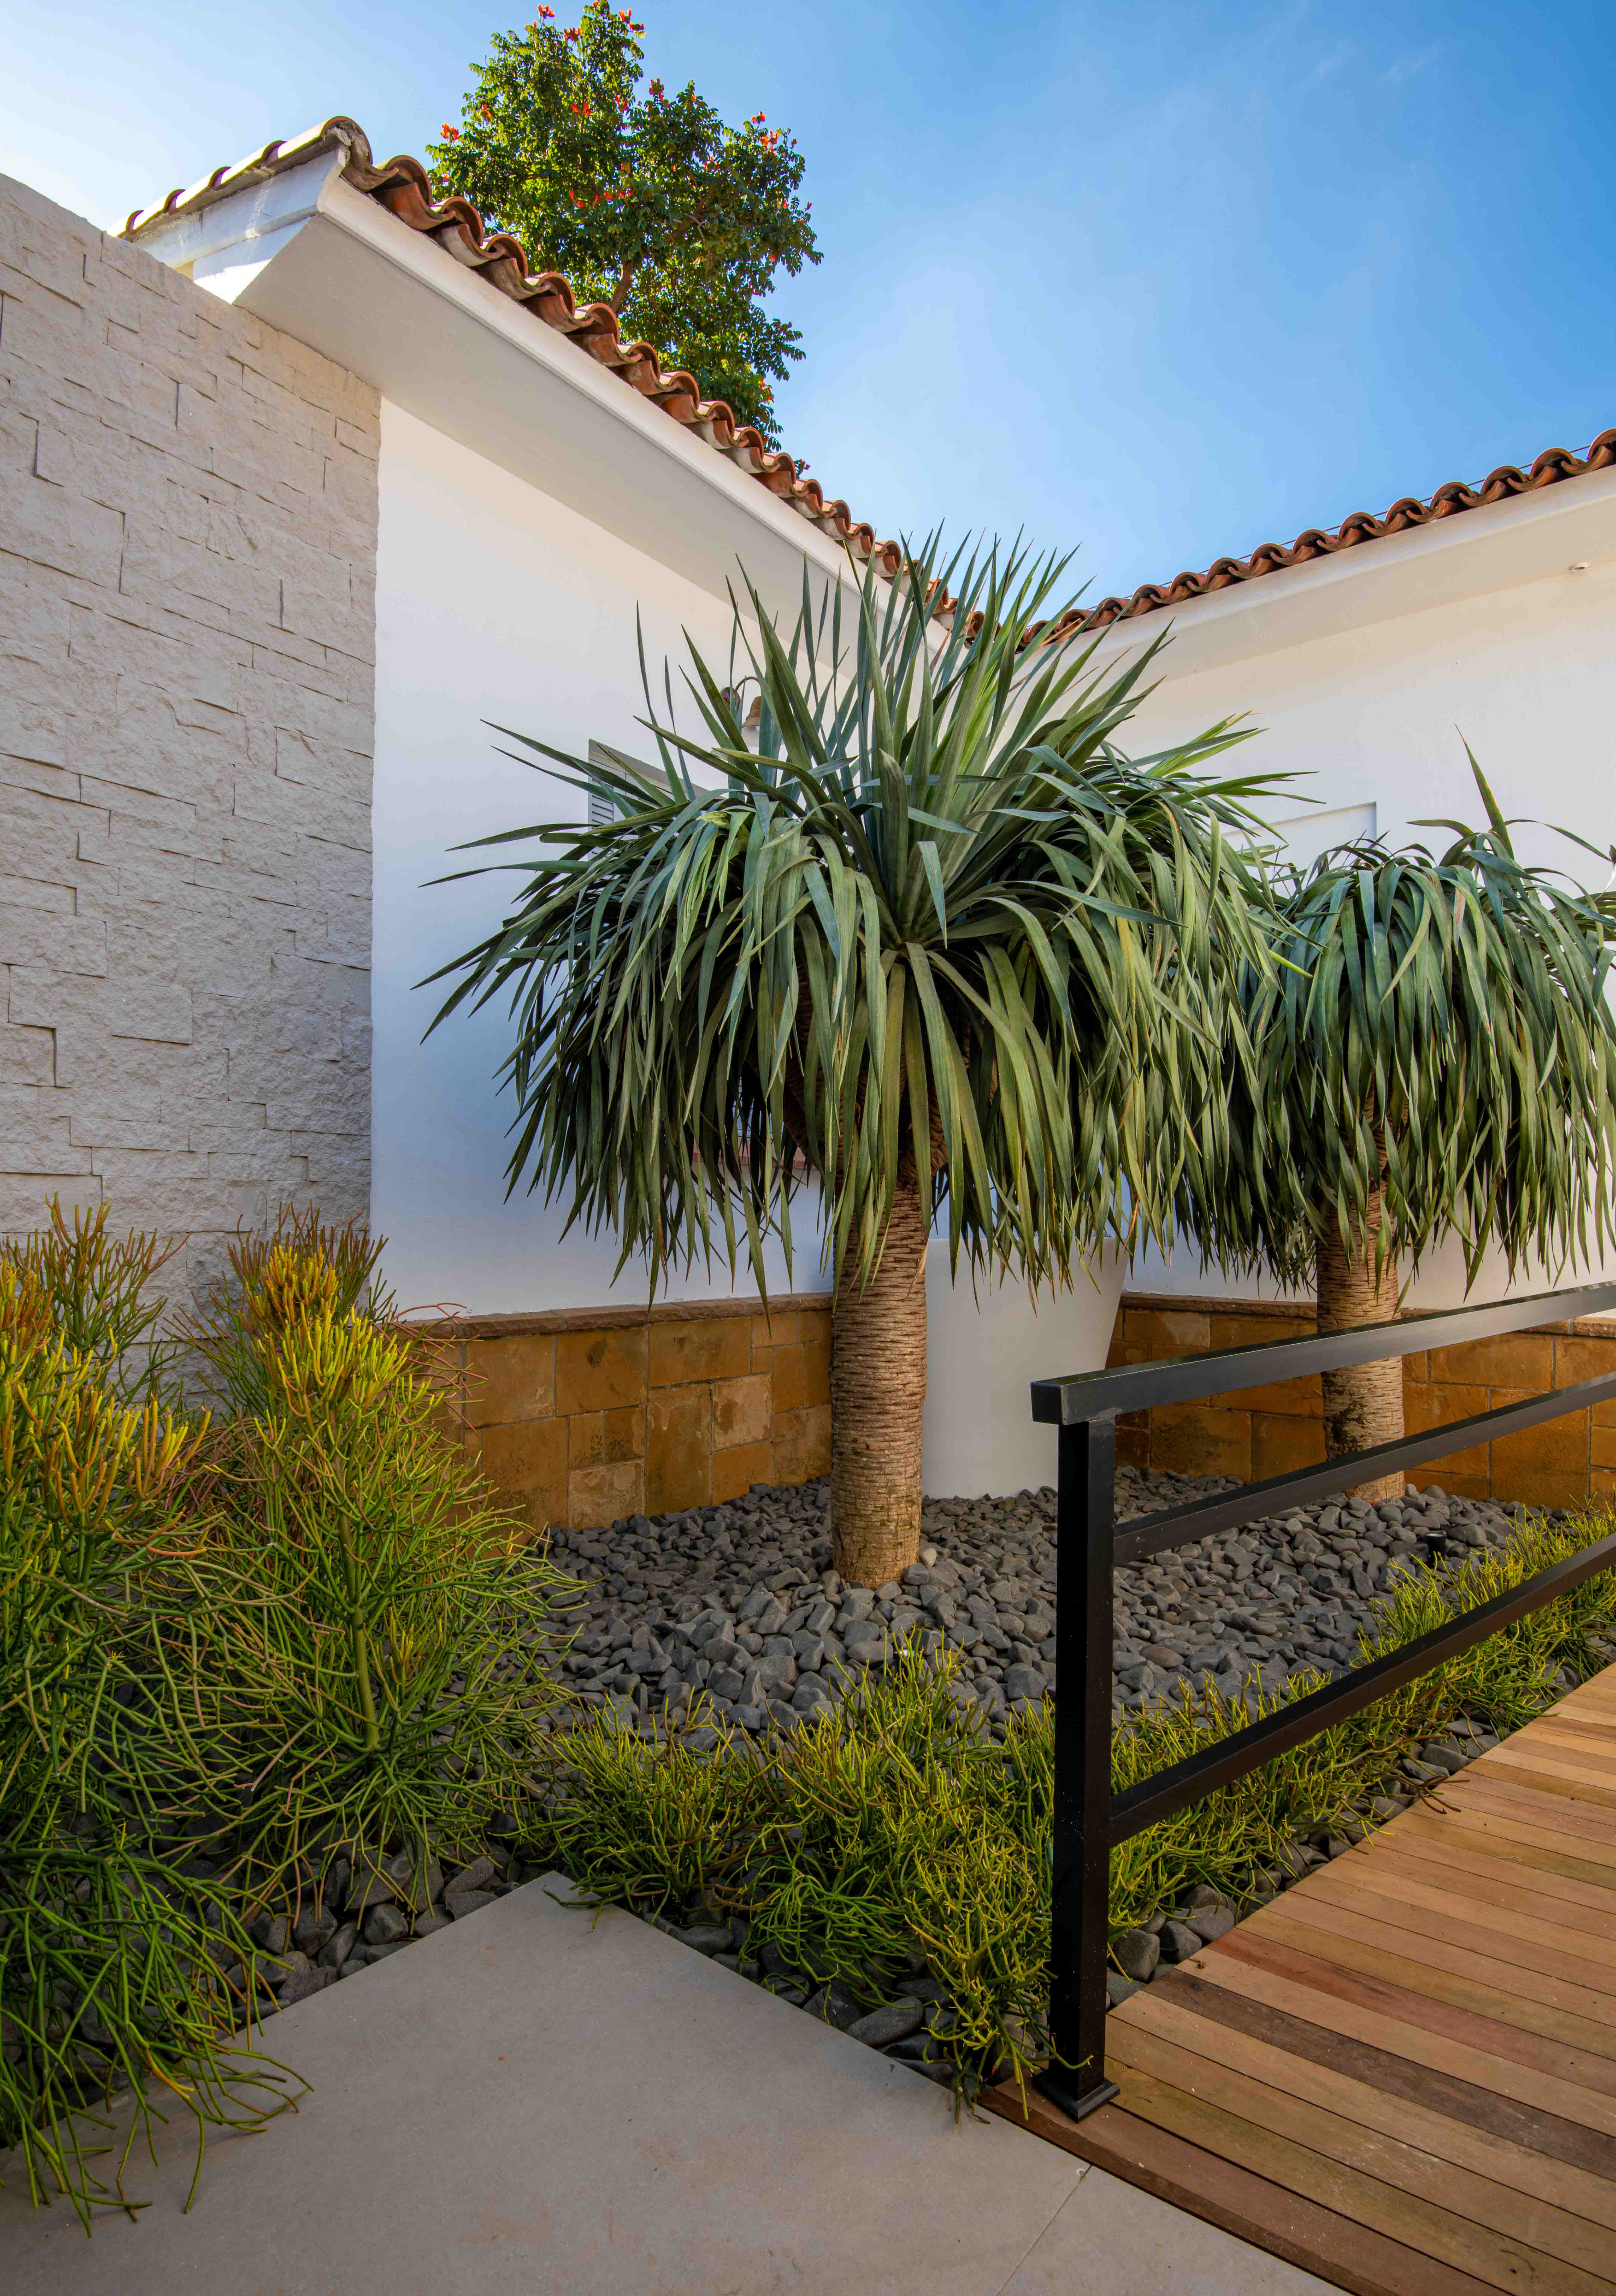 Zanardo Paisagismo na CASACOR 2019. Entorno de casa com jardim. Pedras que reproduzem o cimento, plantas e arvores com grande valor ornamental.